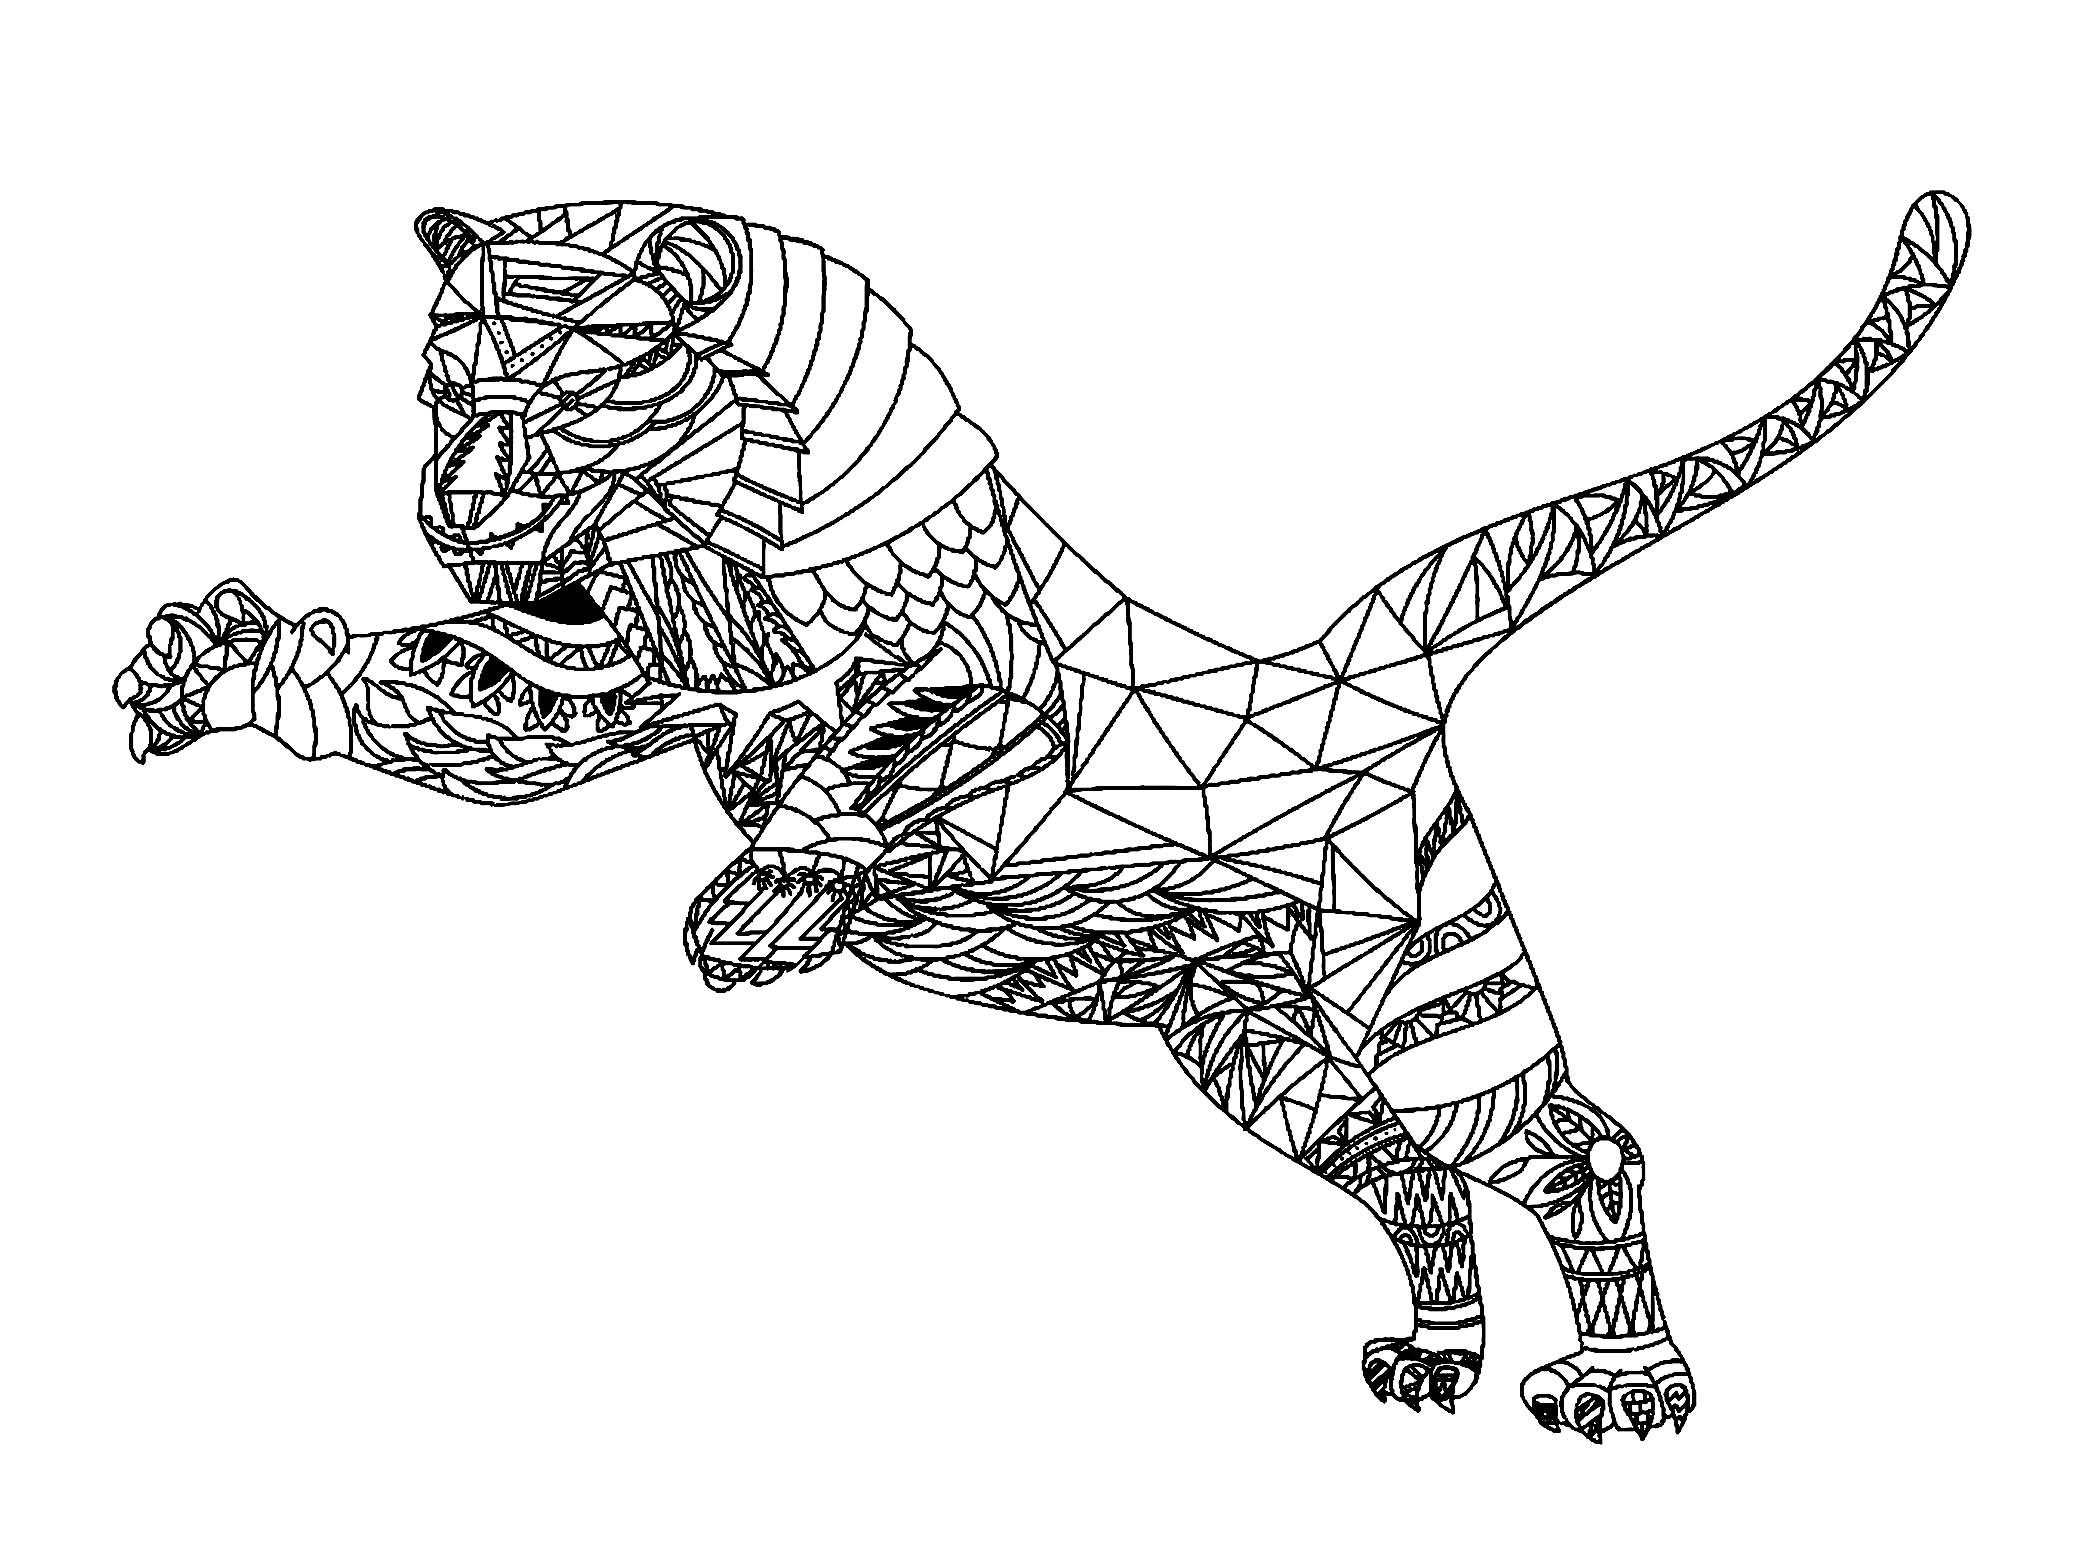 Tigri 71655 tigri disegni da colorare per adulti for Immagini tigre da colorare